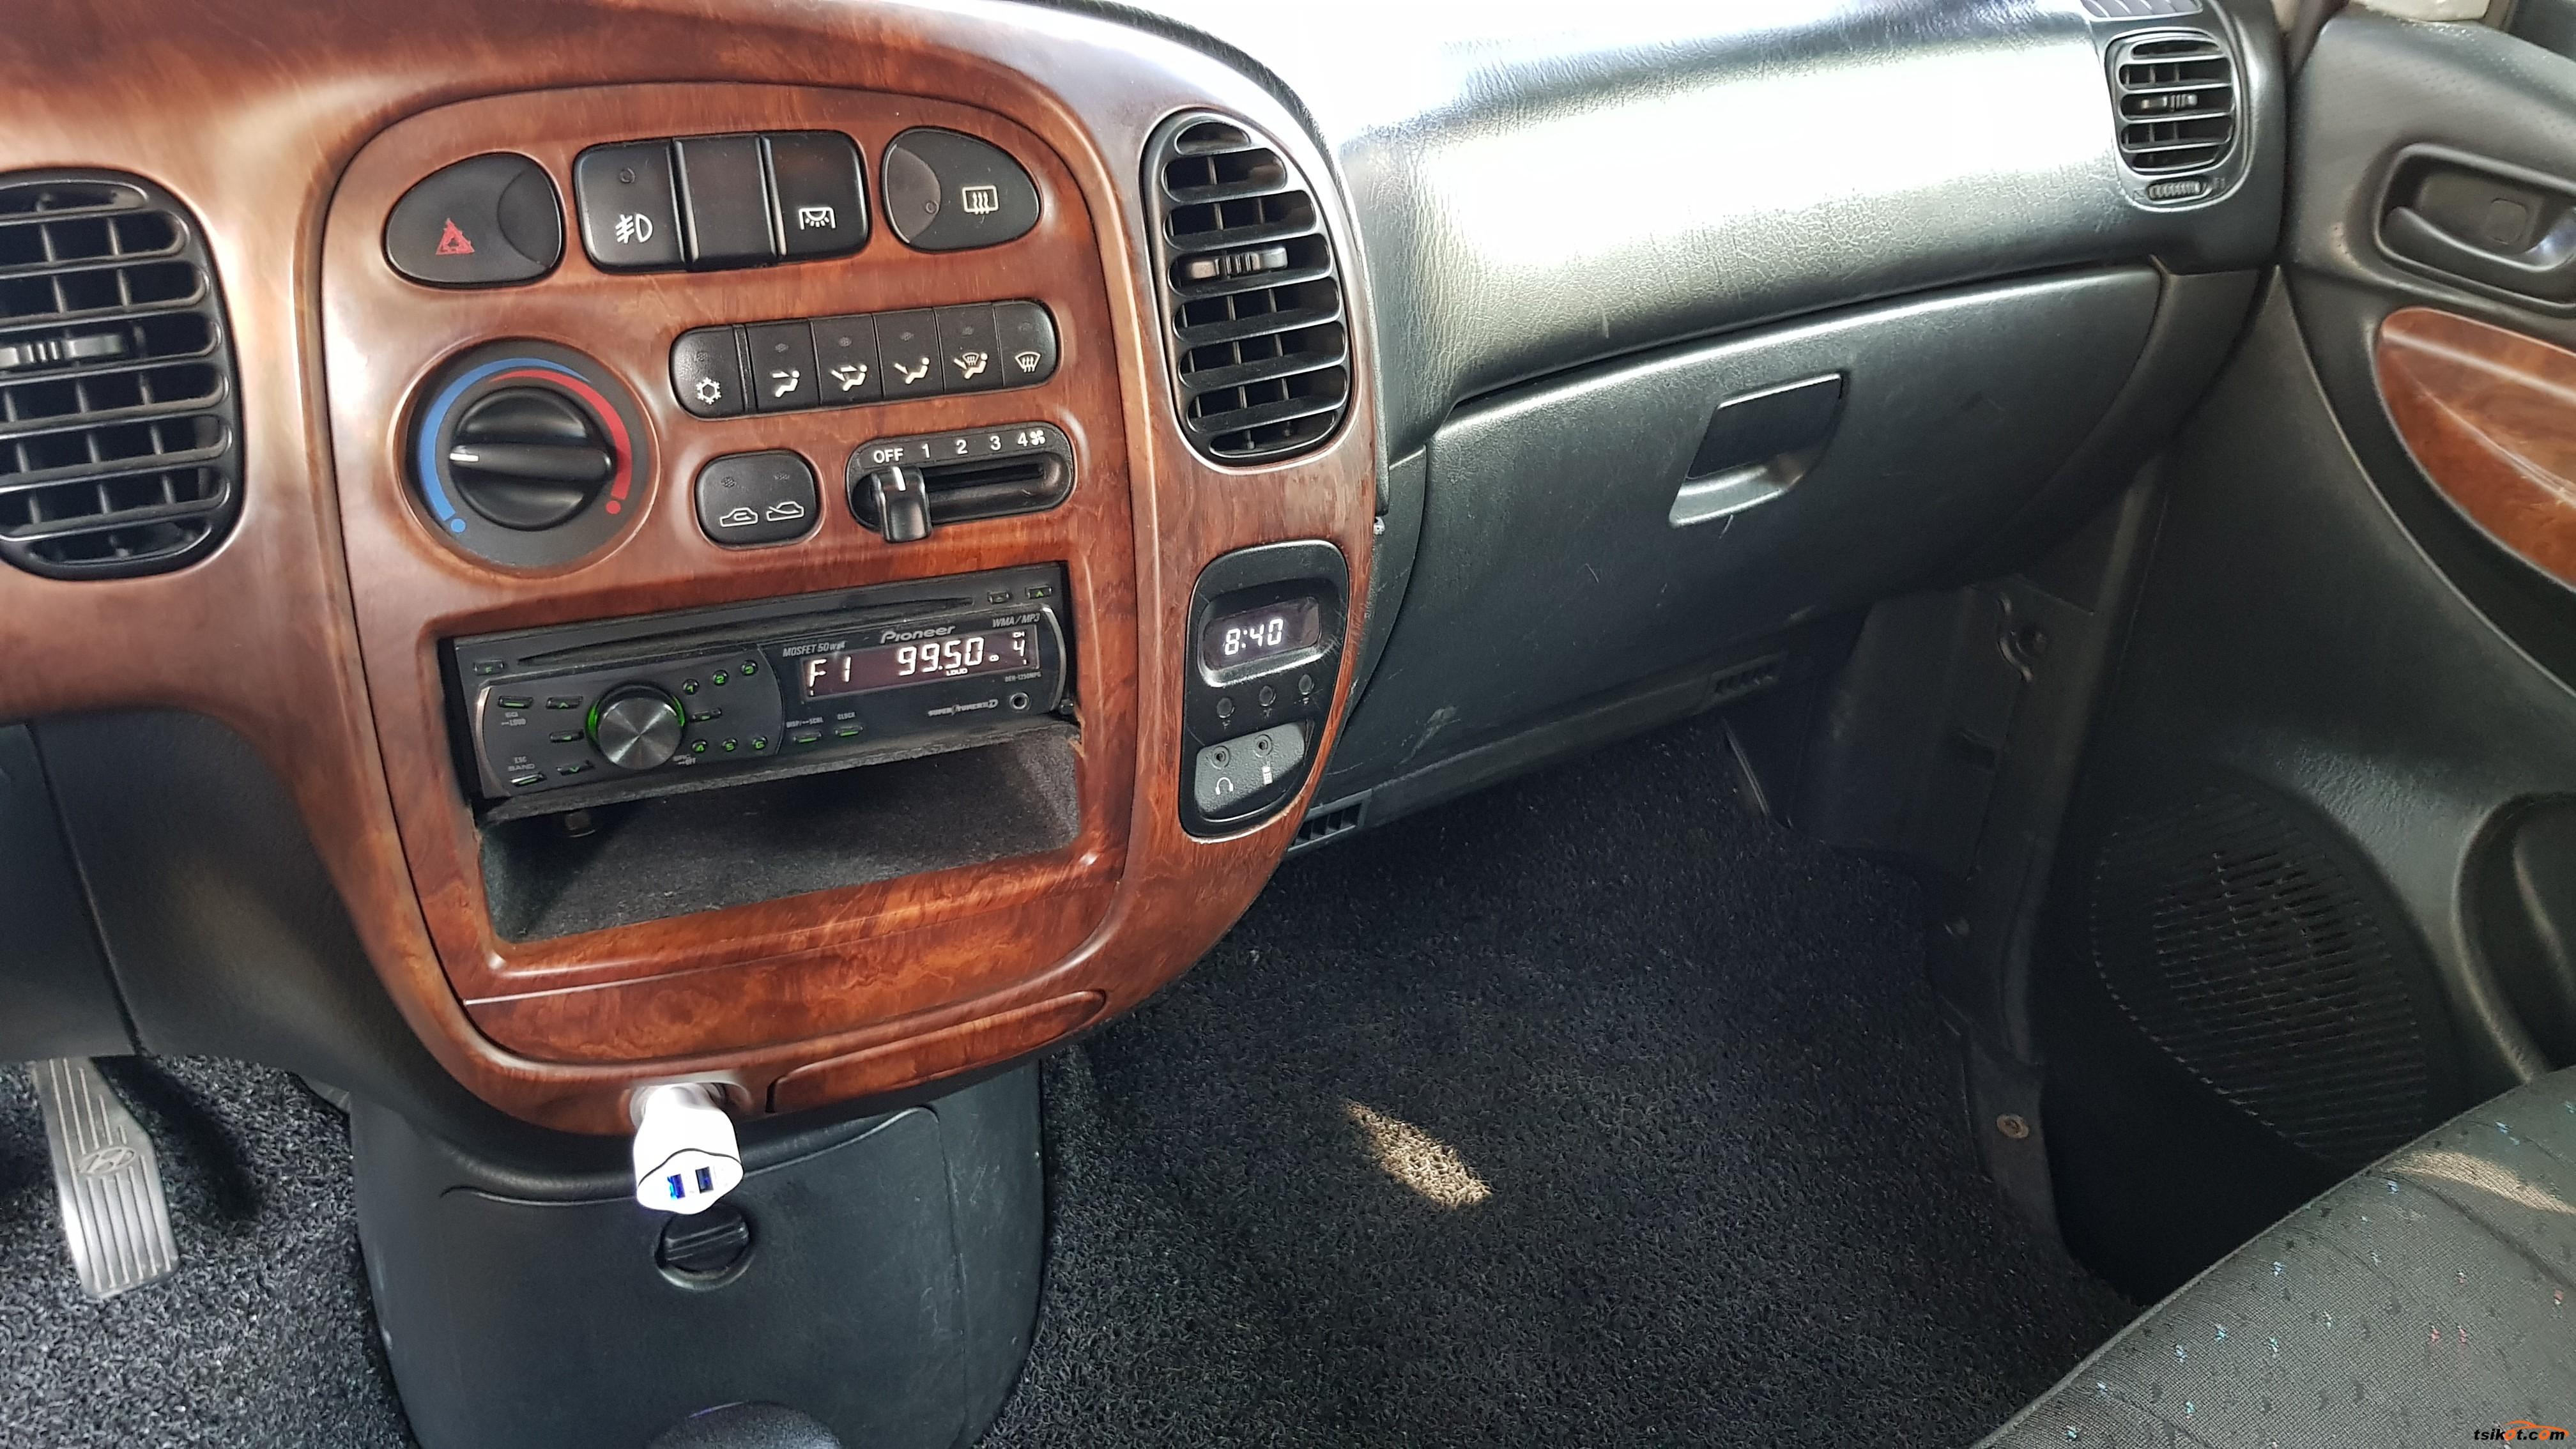 Hyundai Starex 2004 - 8